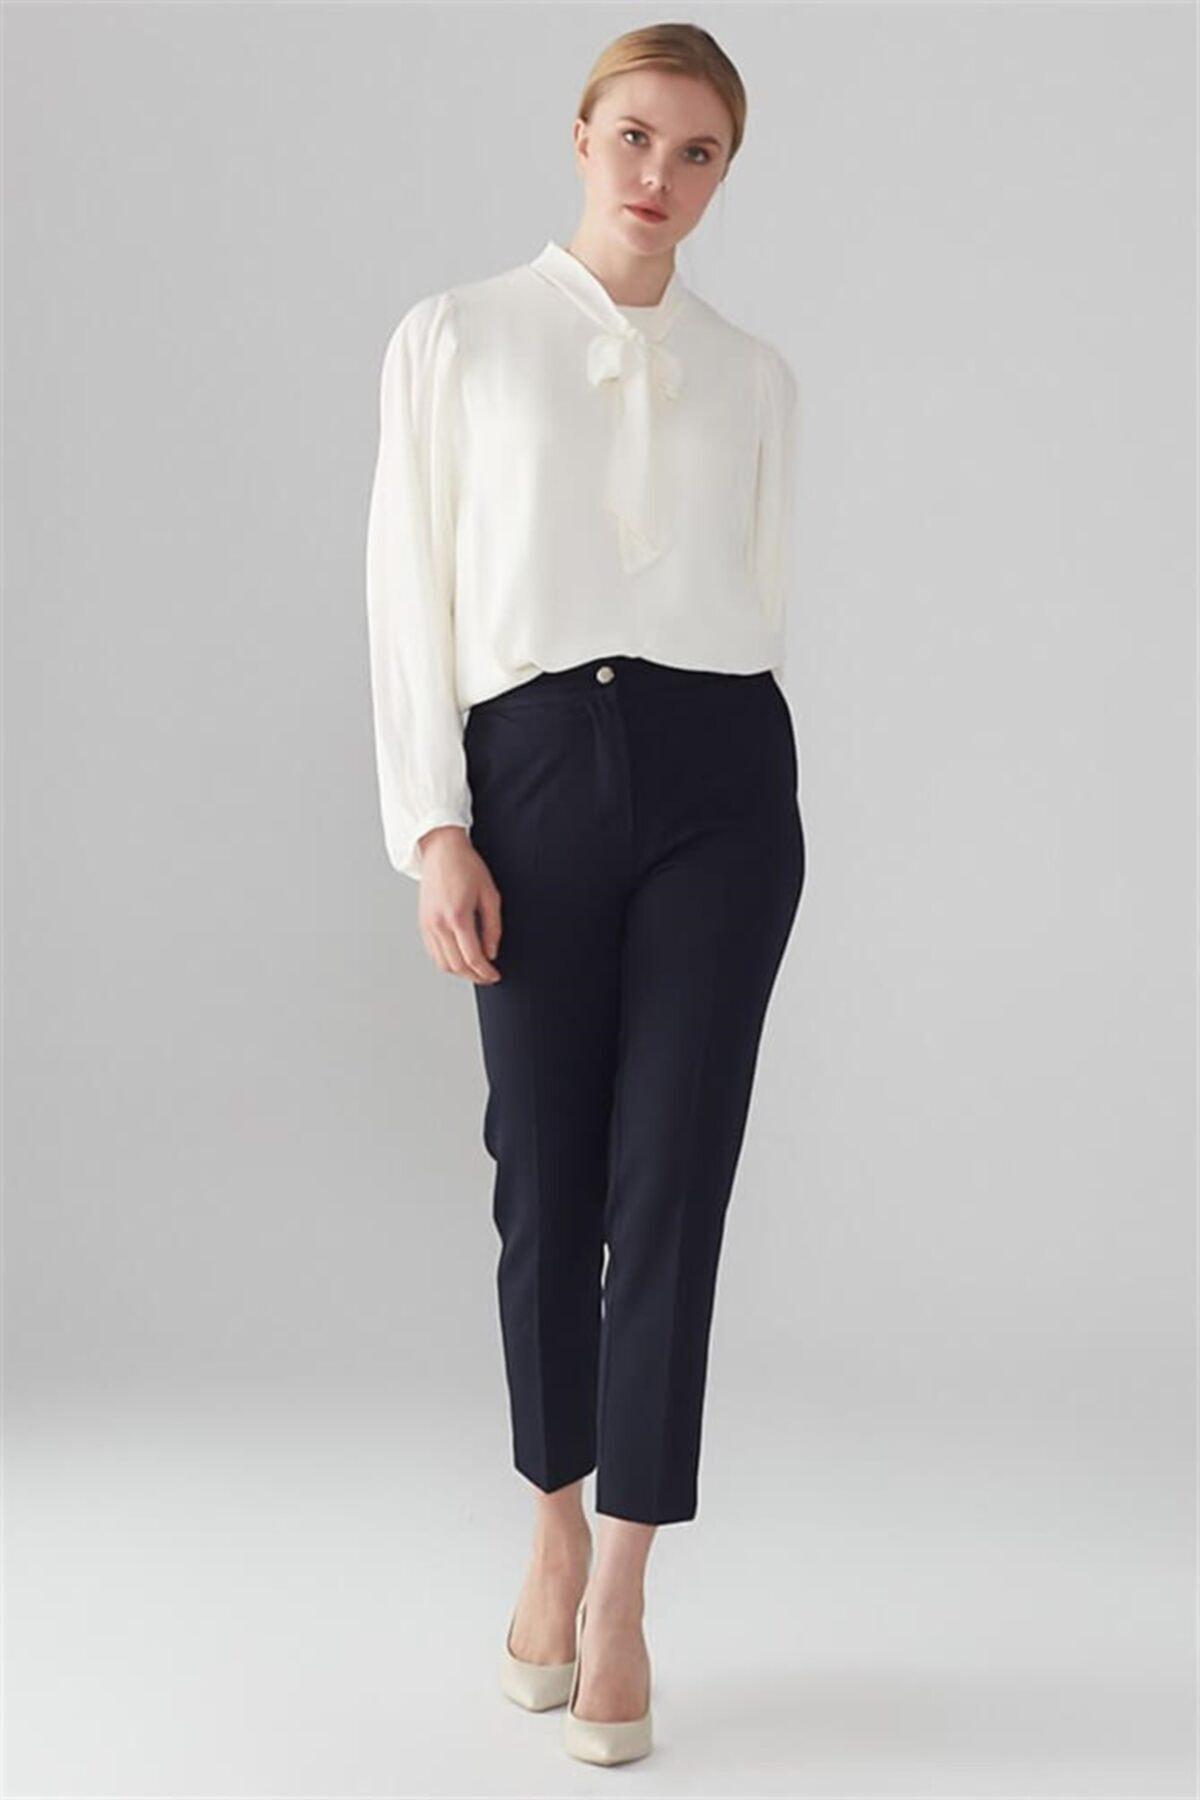 Kadın Pantolon Siyah